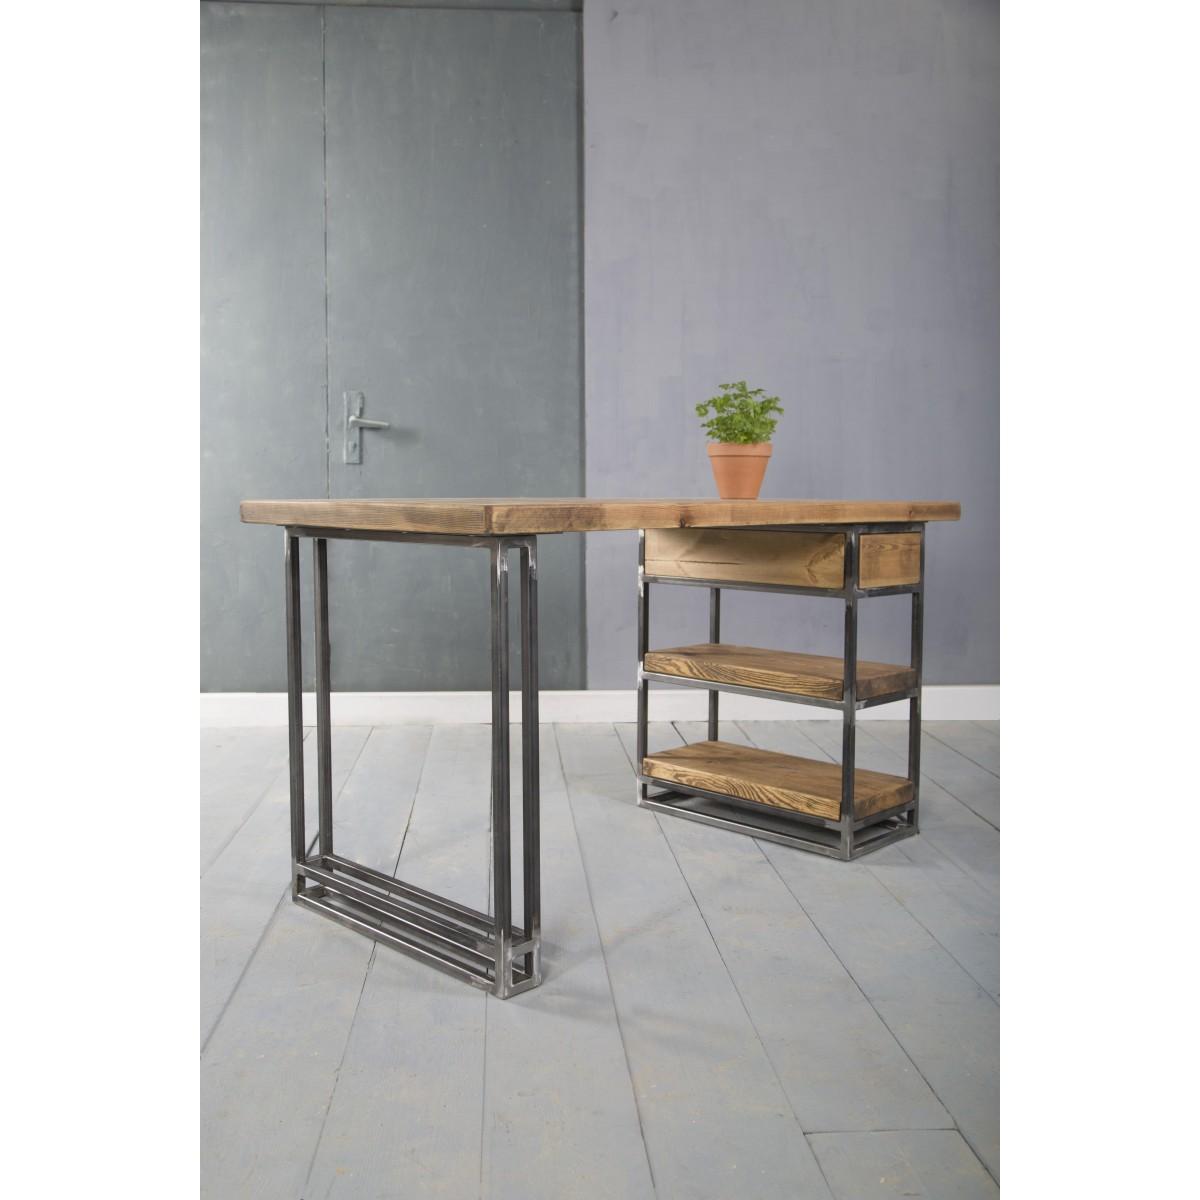 FraaiBerlin - Kleiner Schreibtisch aus Bauholz Siara, 140 x 70 cm